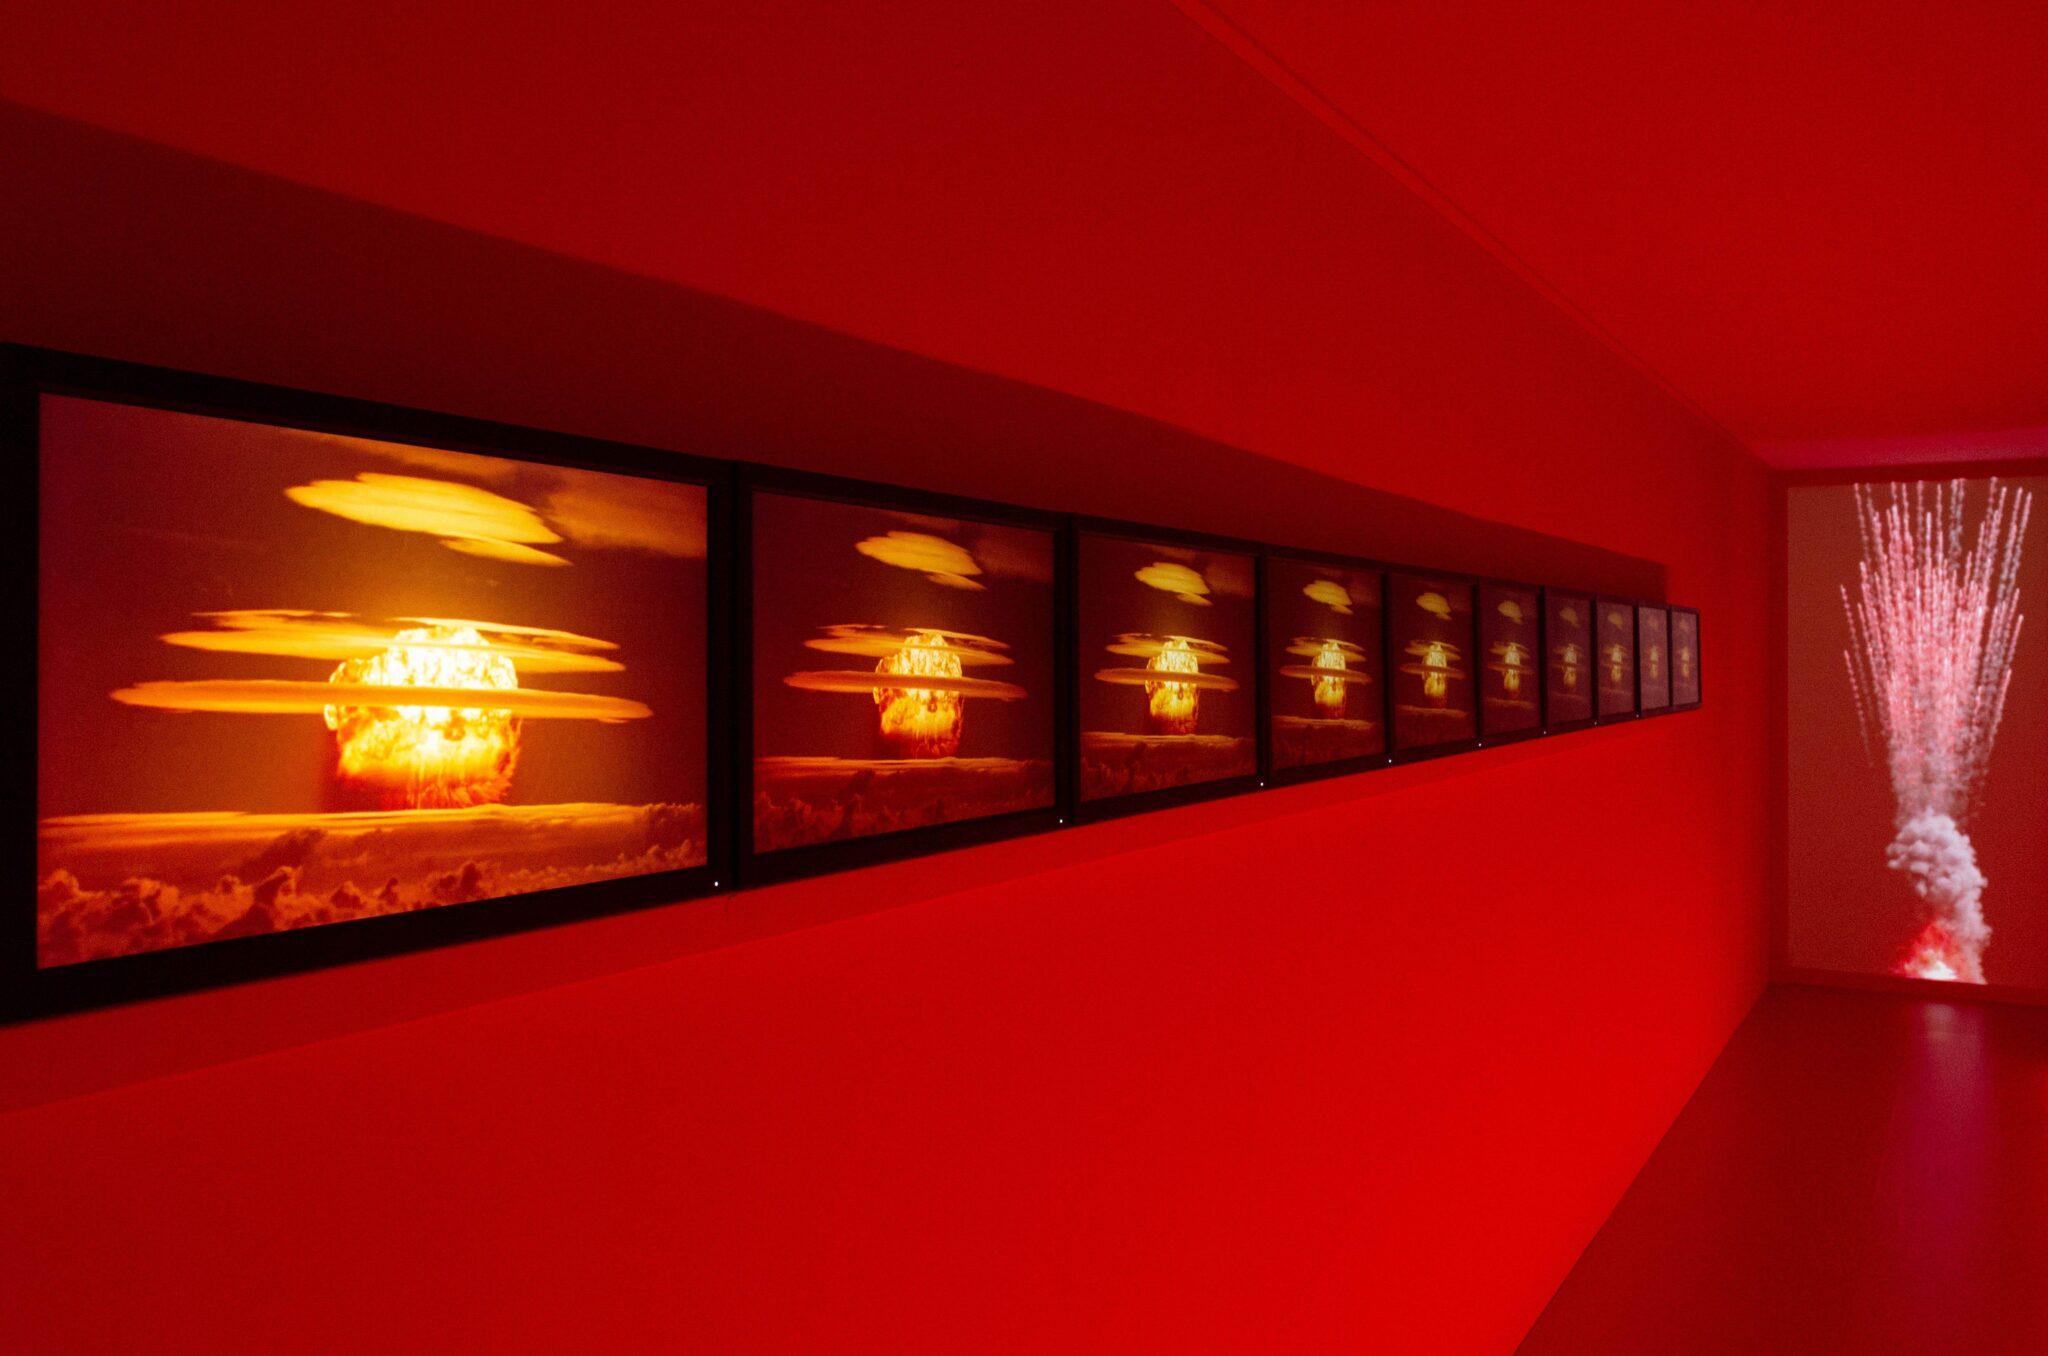 Lithium Het Nieuwe Instituut Rotterdam 03